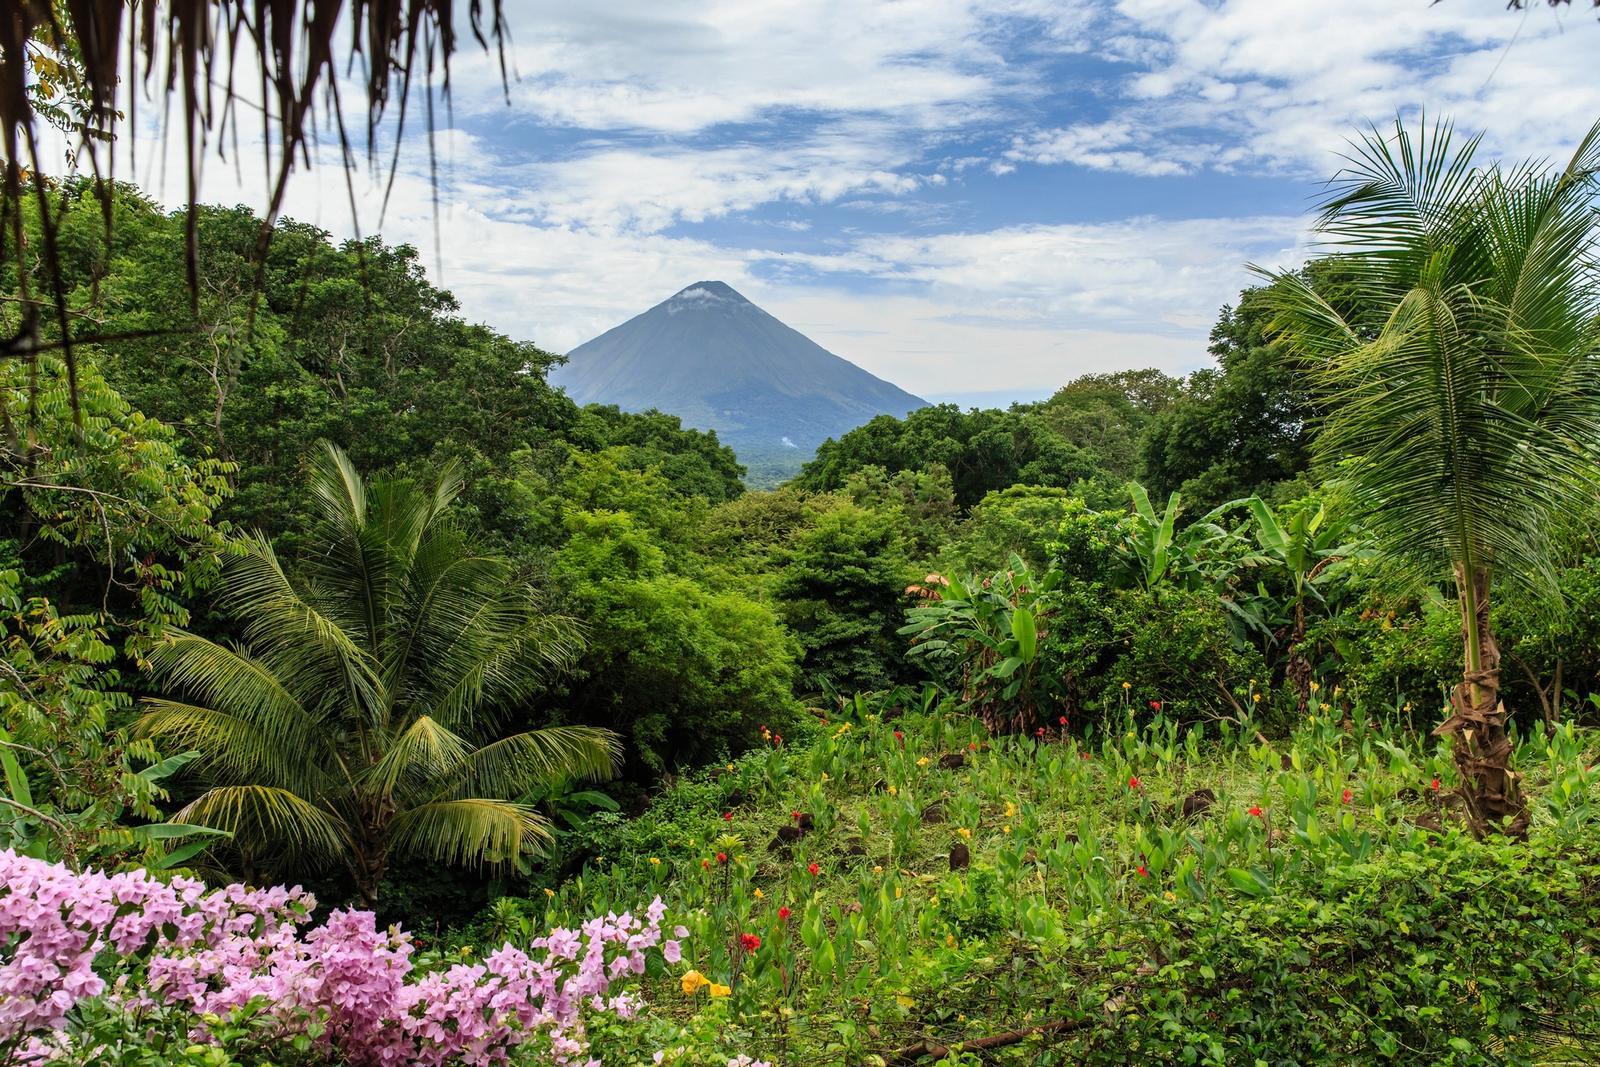 vulcano immerso nella natura